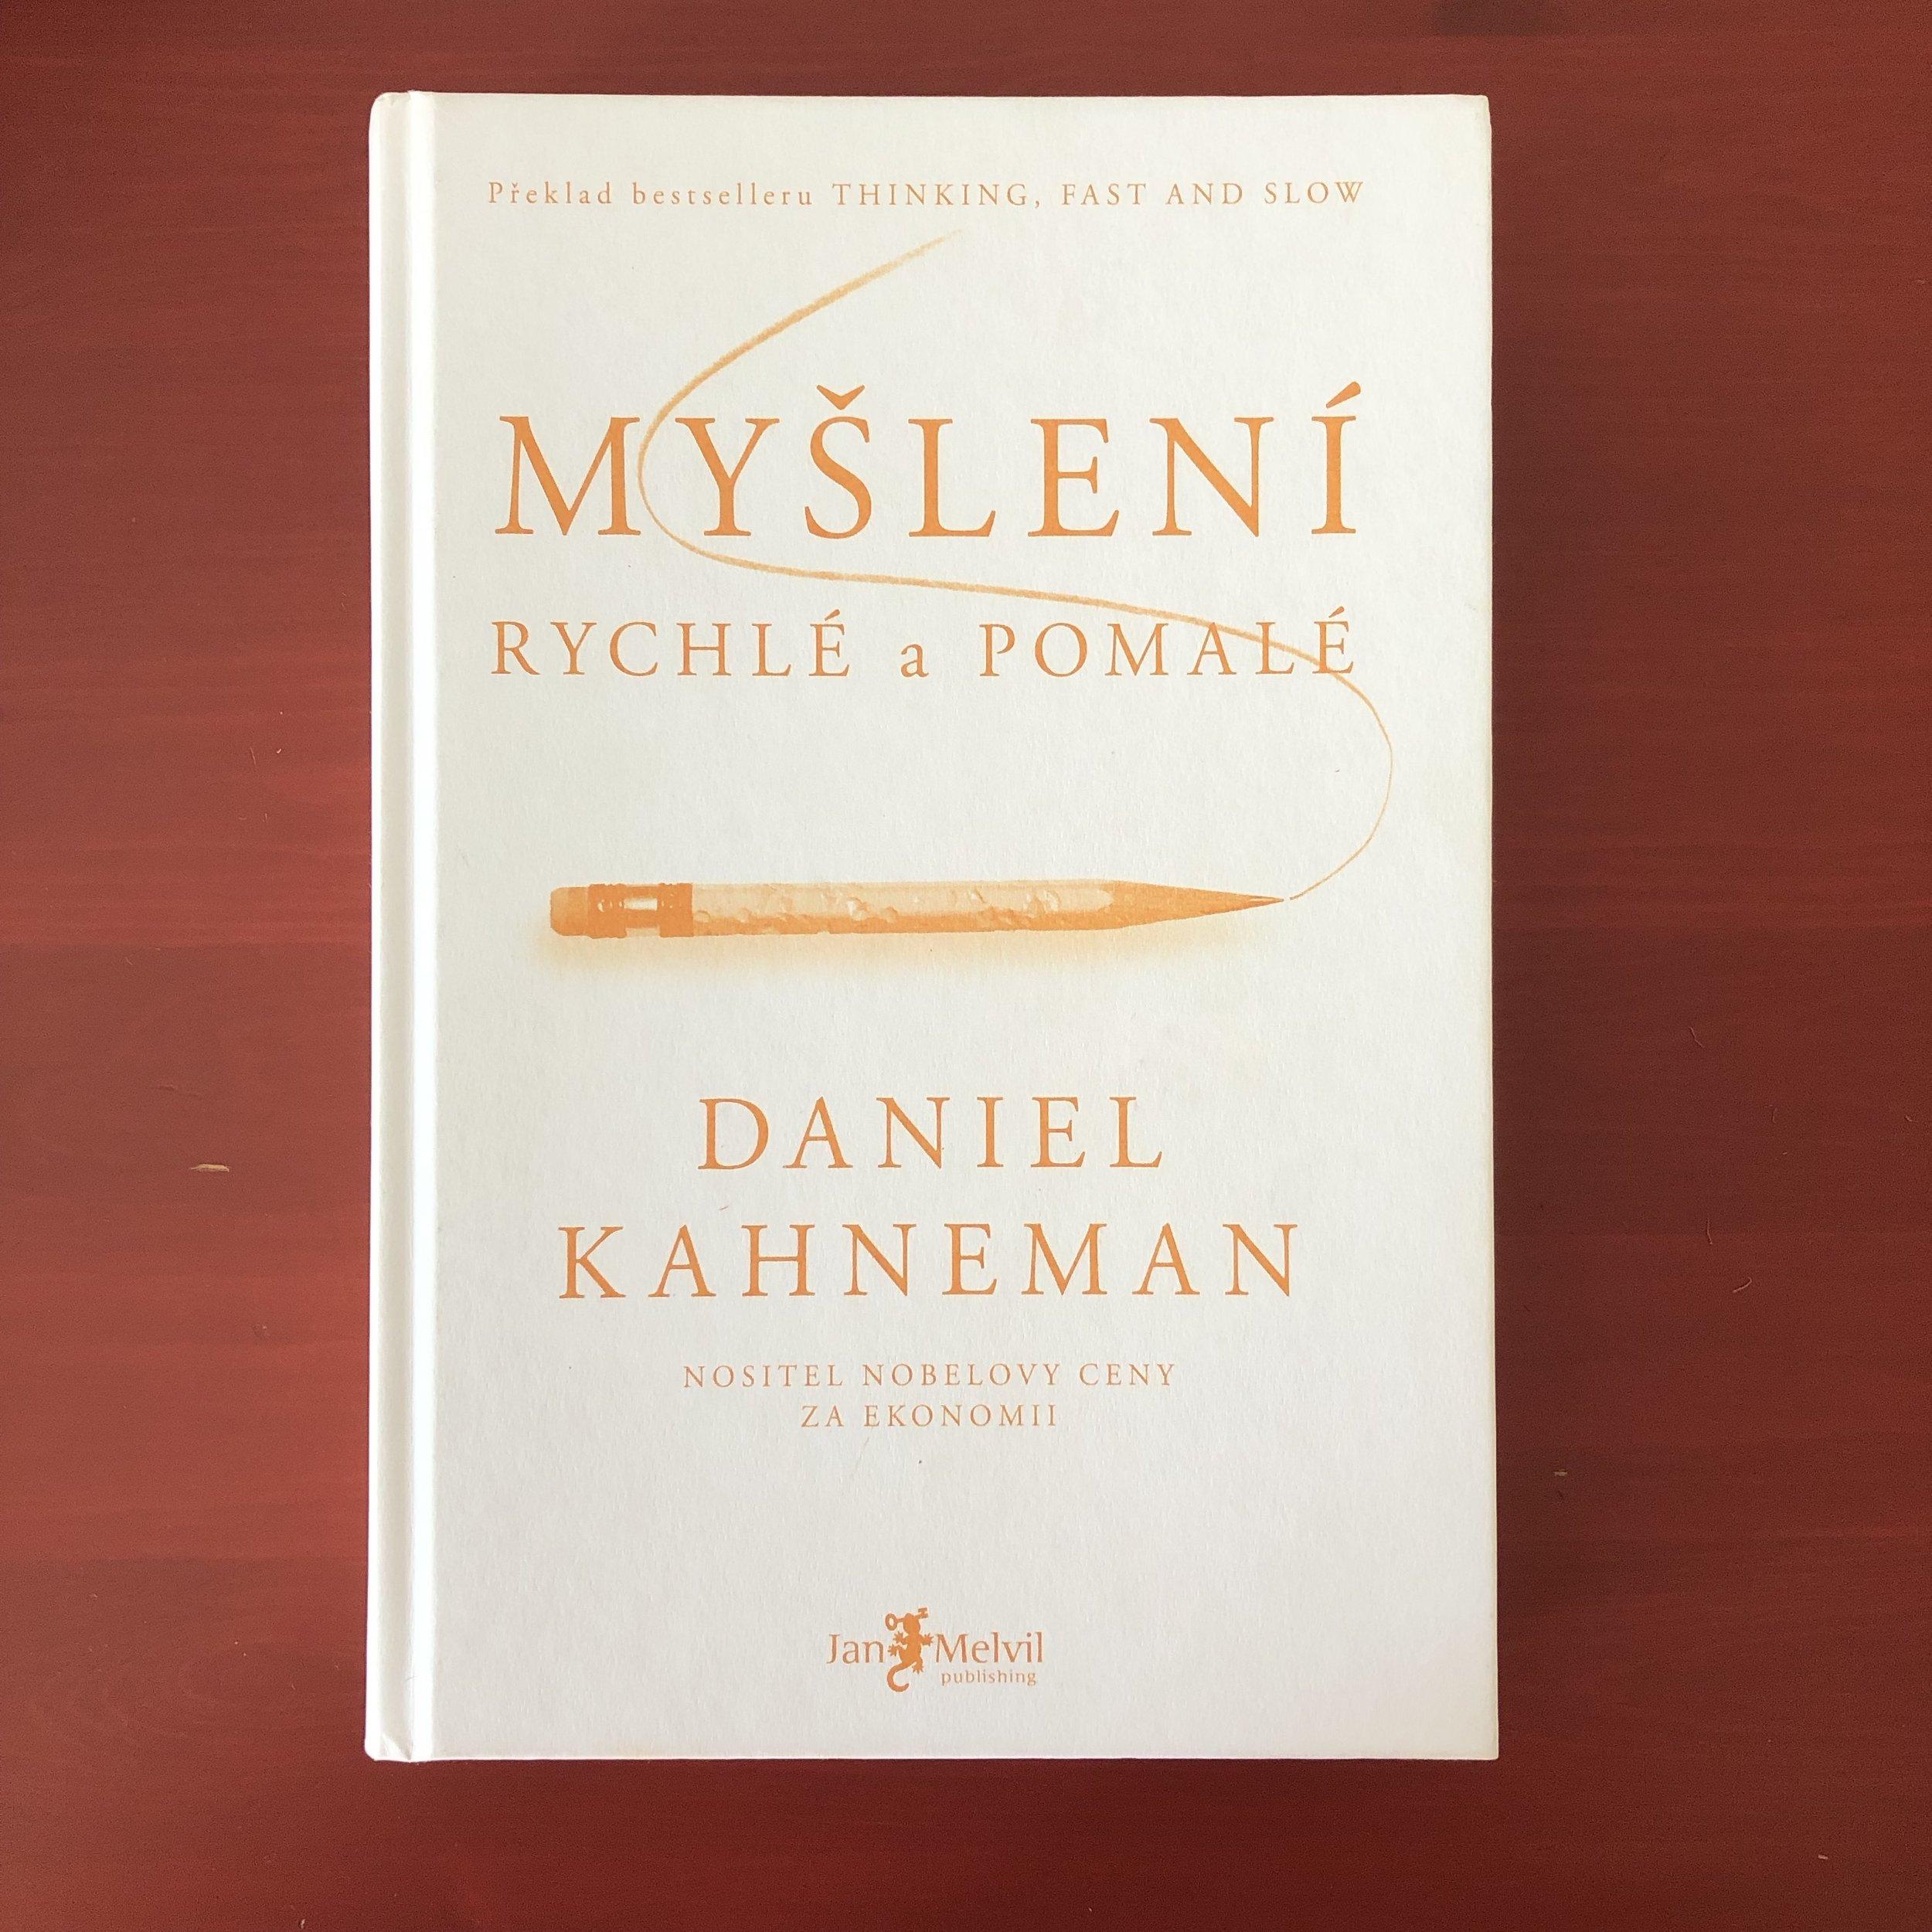 Читаю Канемана на чешском. И так текст сложный, а тут еще чешский. Пока прочитал 2/3.